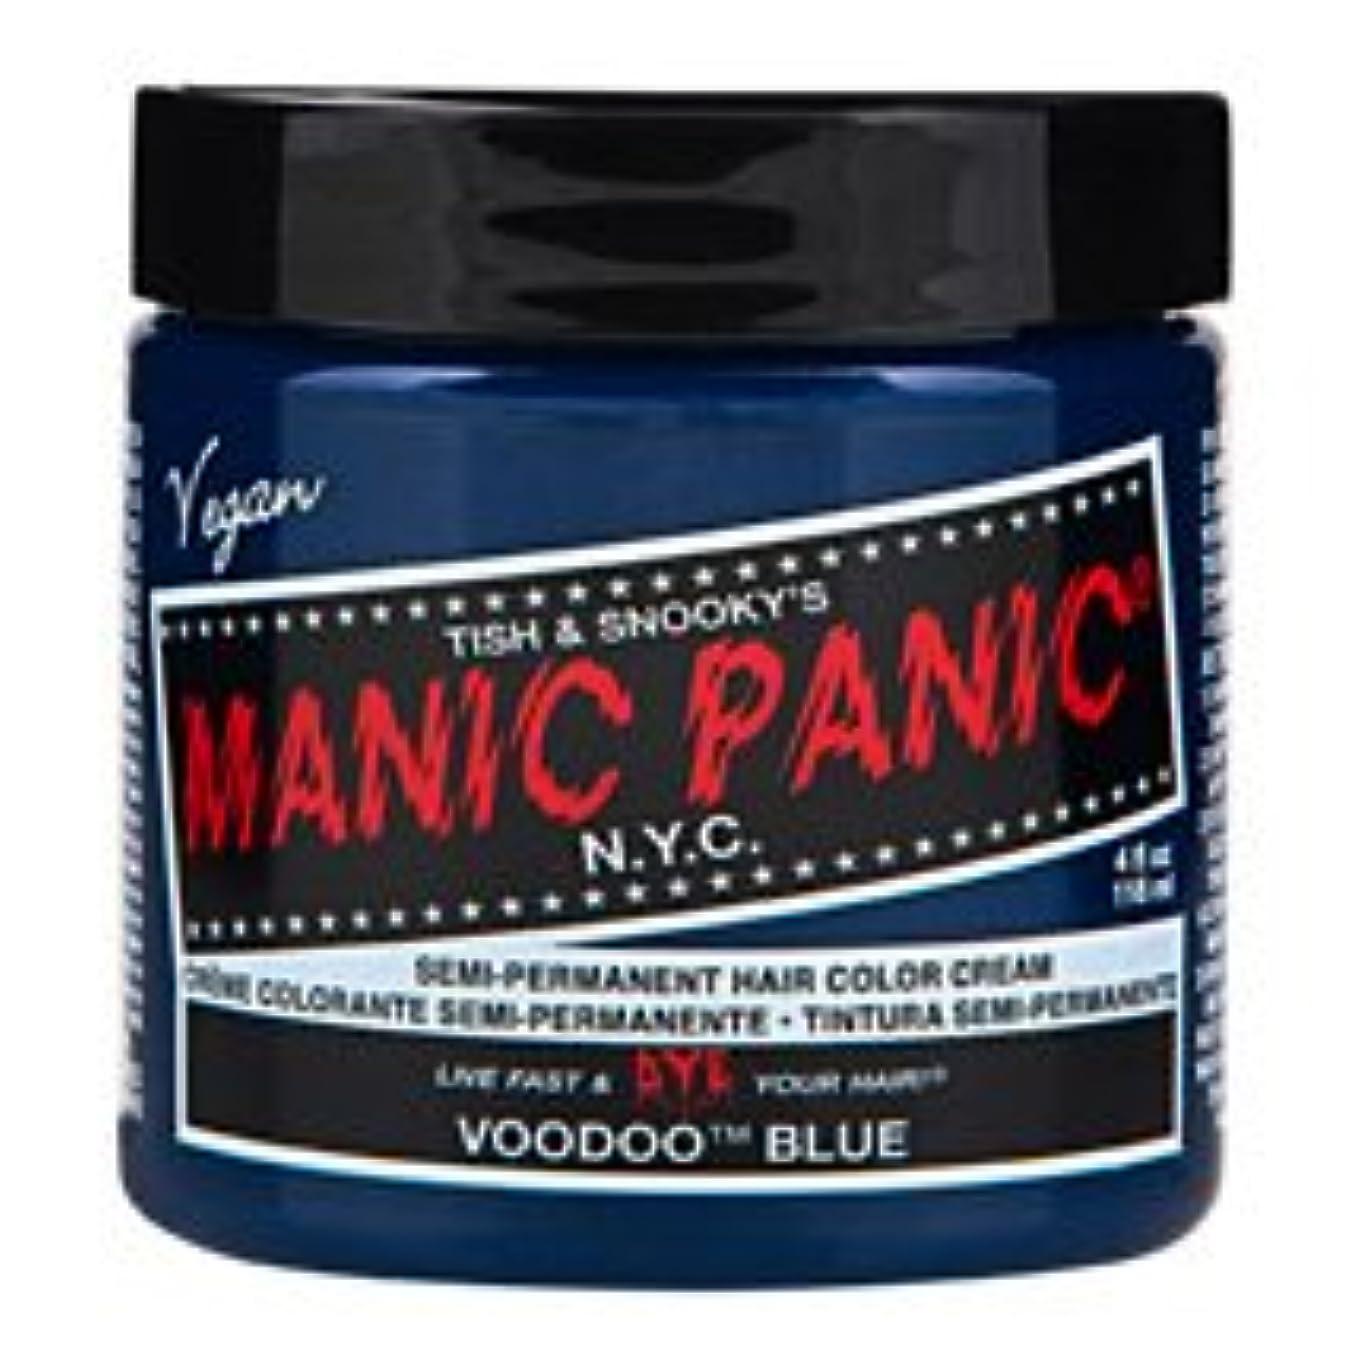 スペシャルセットMANIC PANICマニックパニック:Voodoo Blue (ブゥードゥーブルー)+ヘアカラーケア4点セット